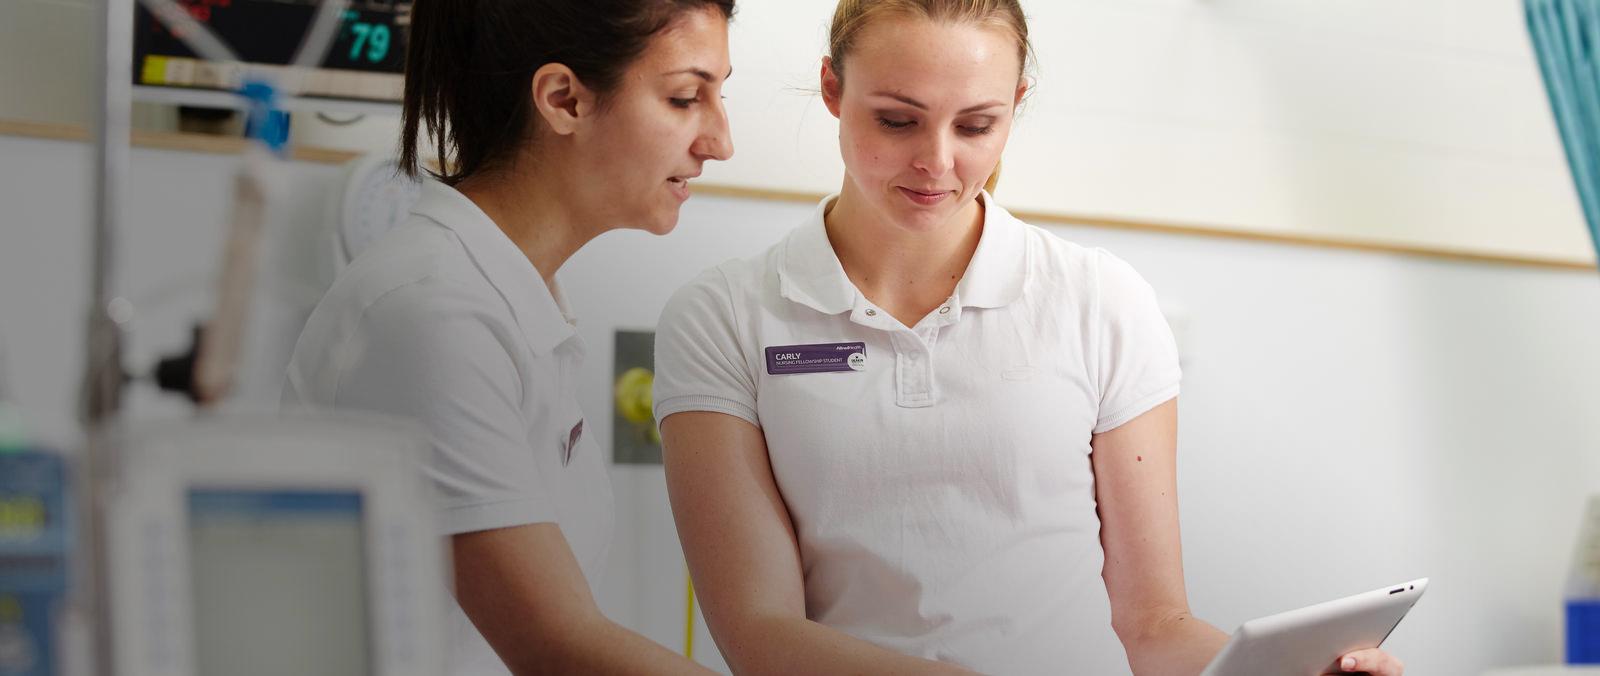 Critical care nursing | Deakin